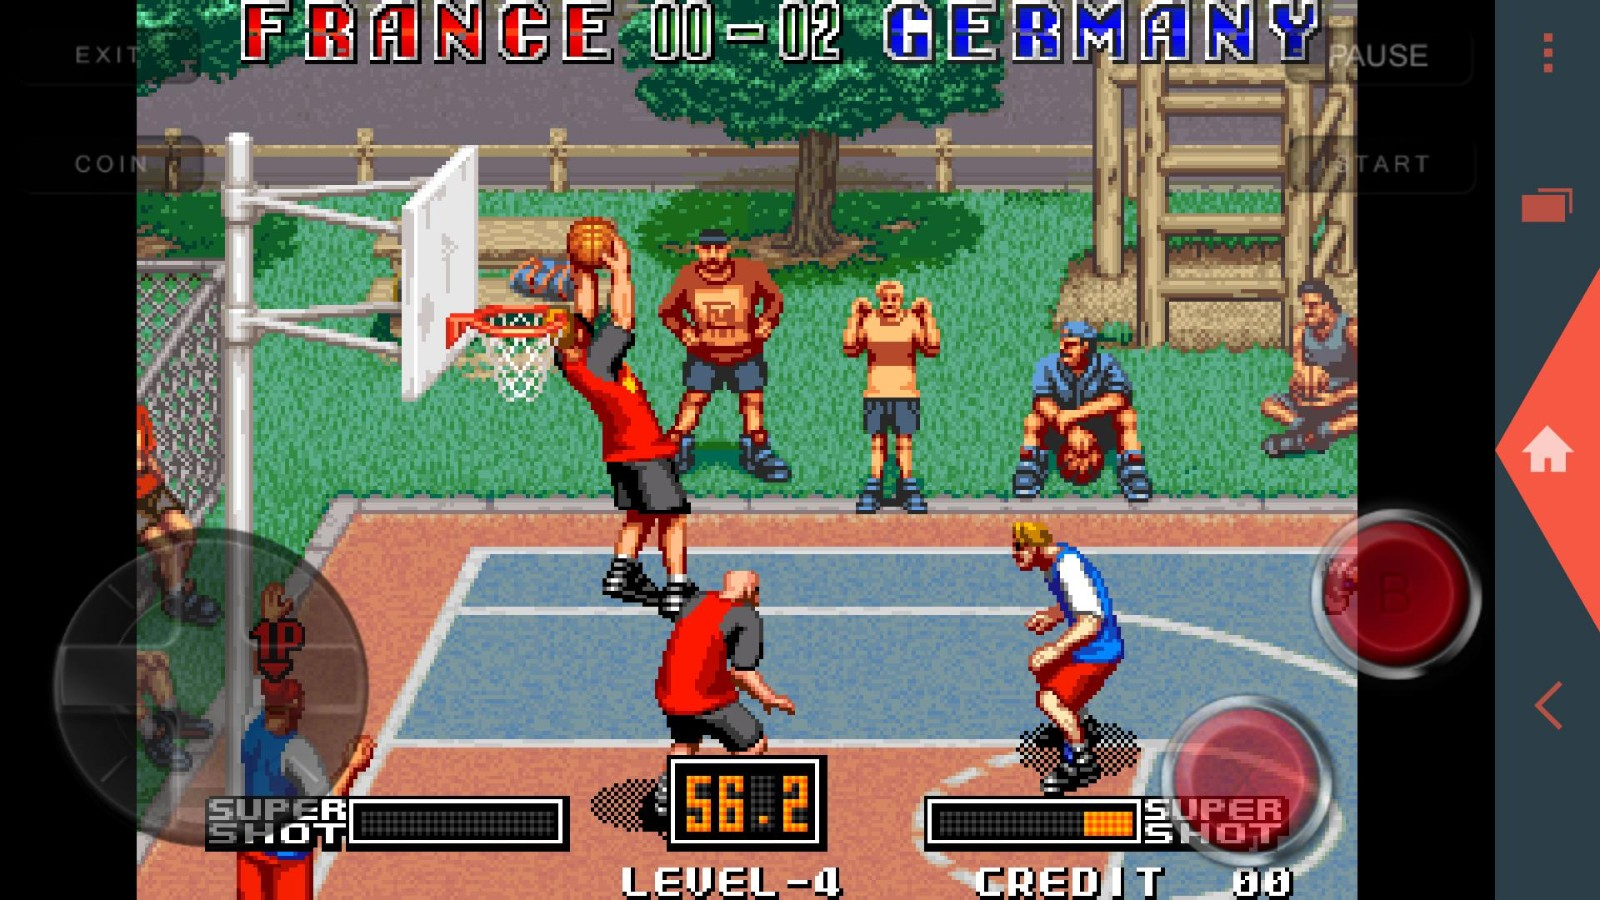 街机街头篮球截图2